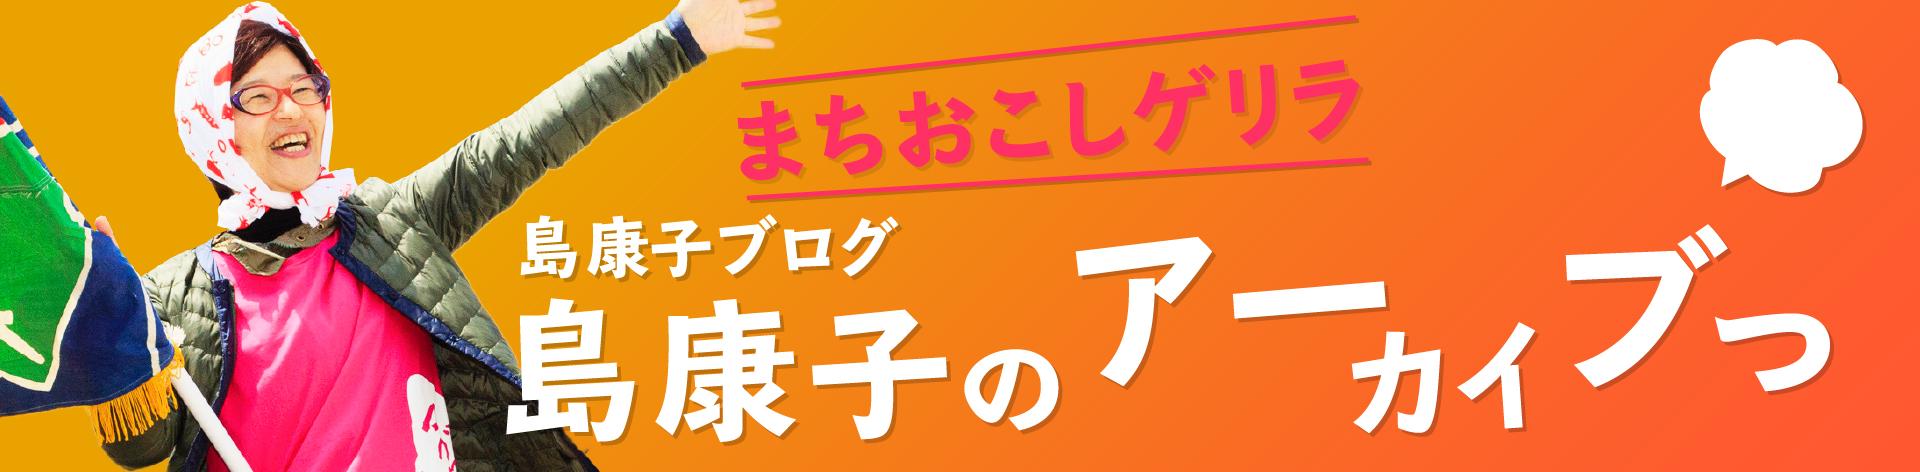 島康子のアーカイブ